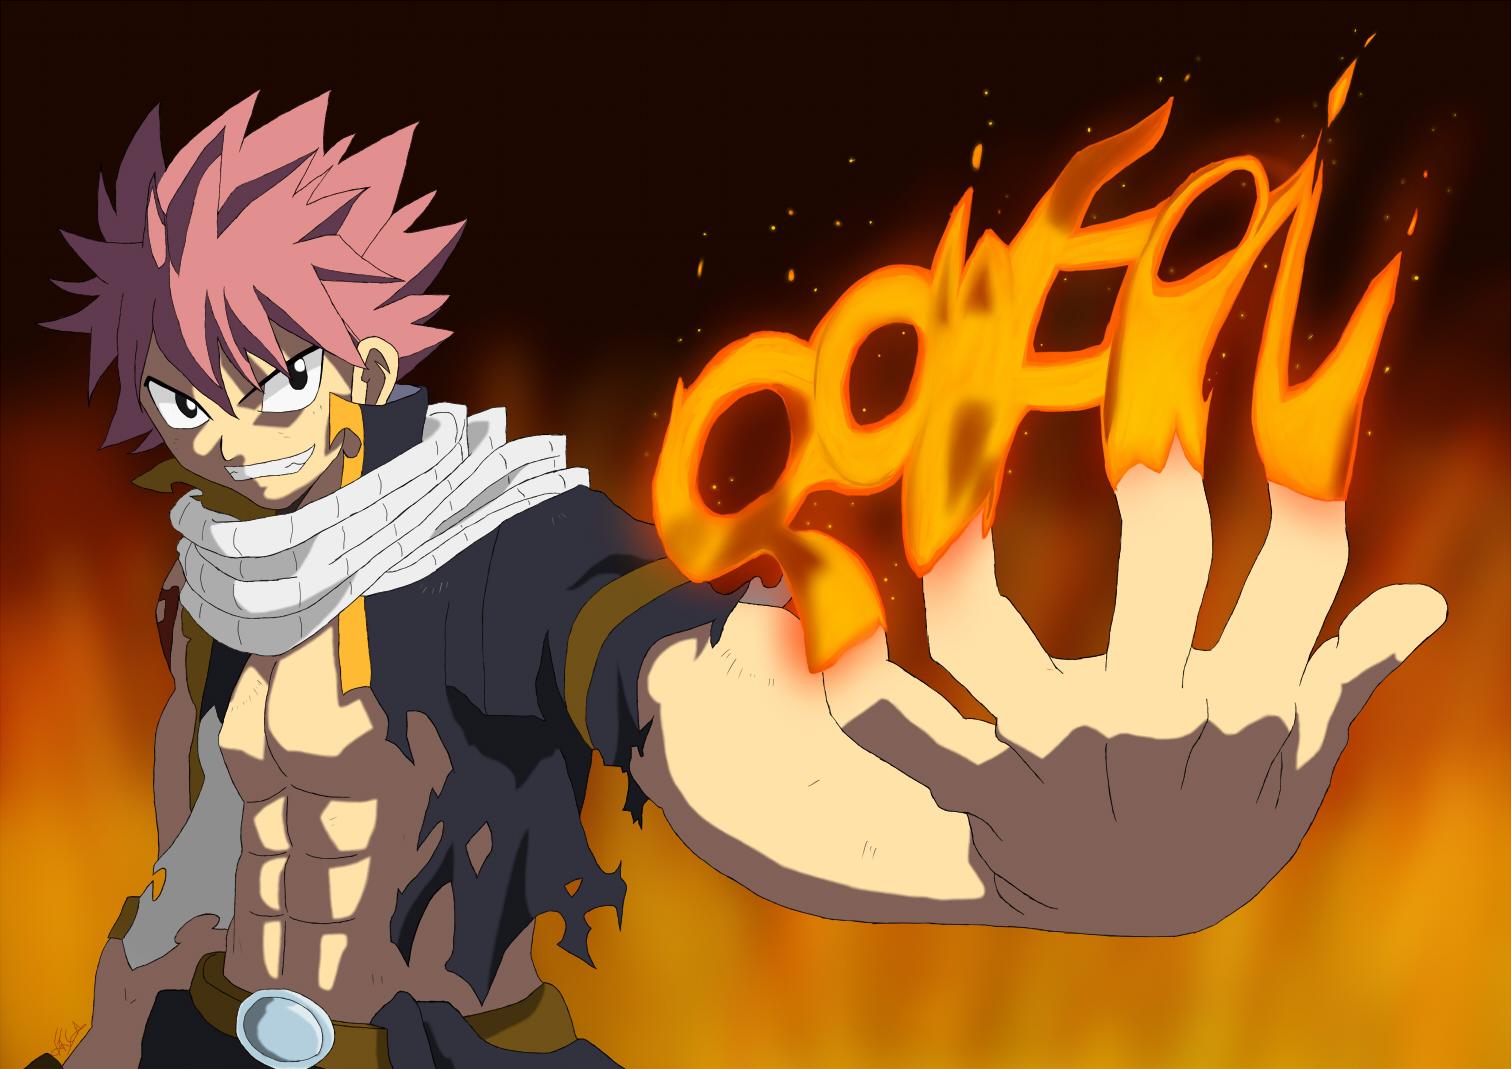 Fairy Tail - Natsu (Come On)